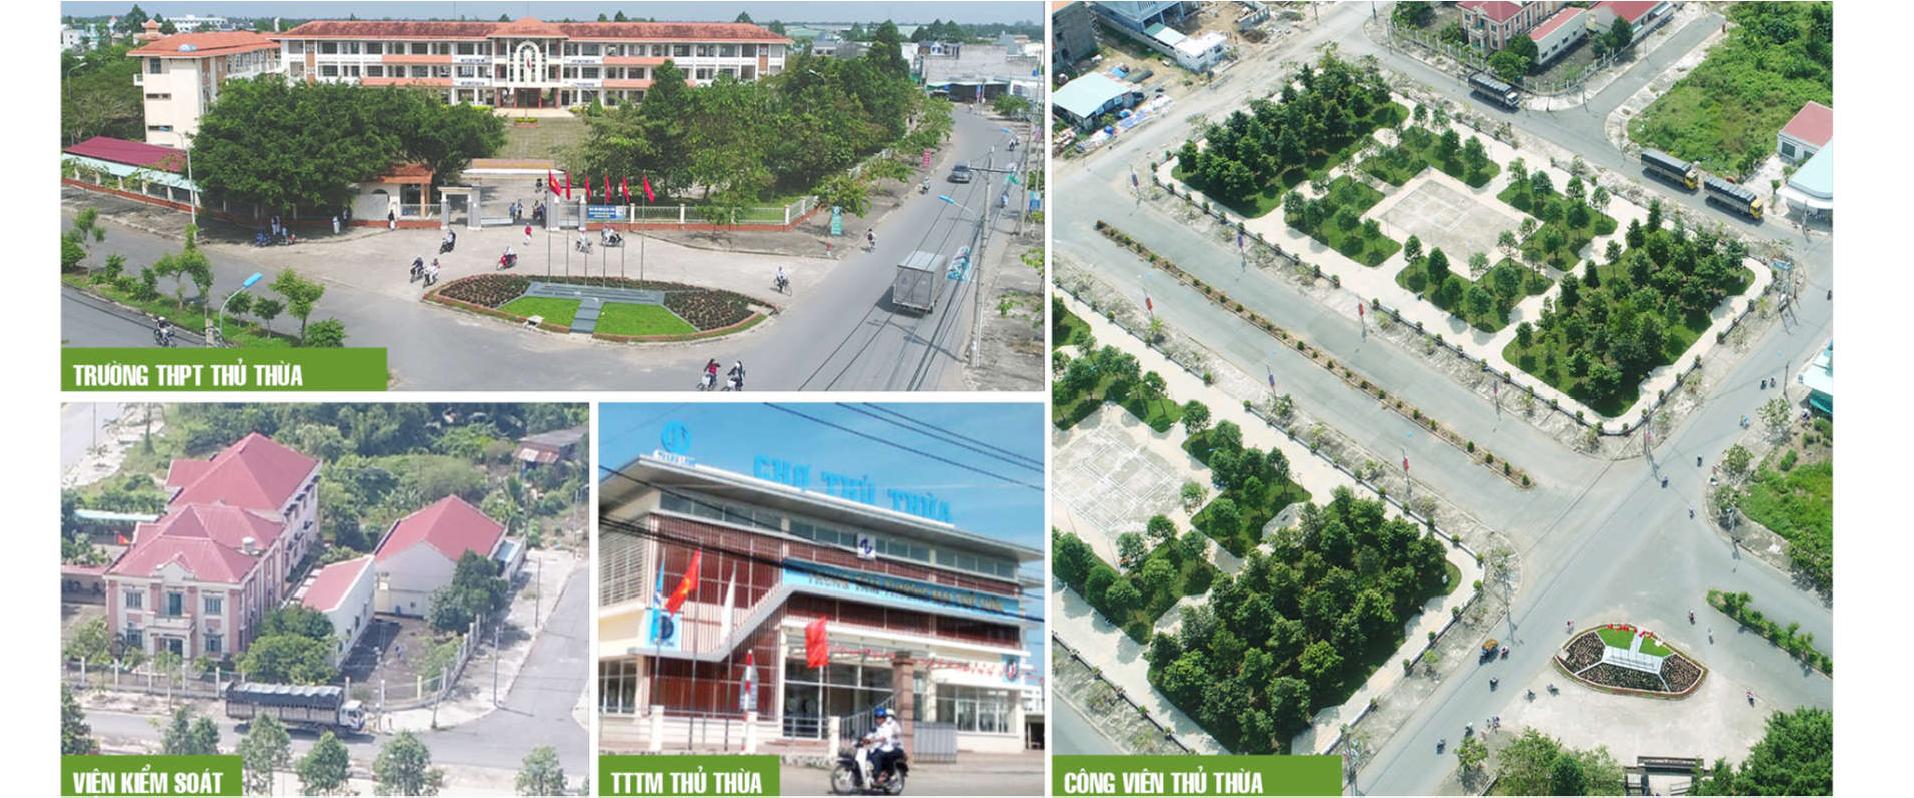 Dự án Thủ Thừa Phú Thanh Residence của Cát Tường ở đâu?